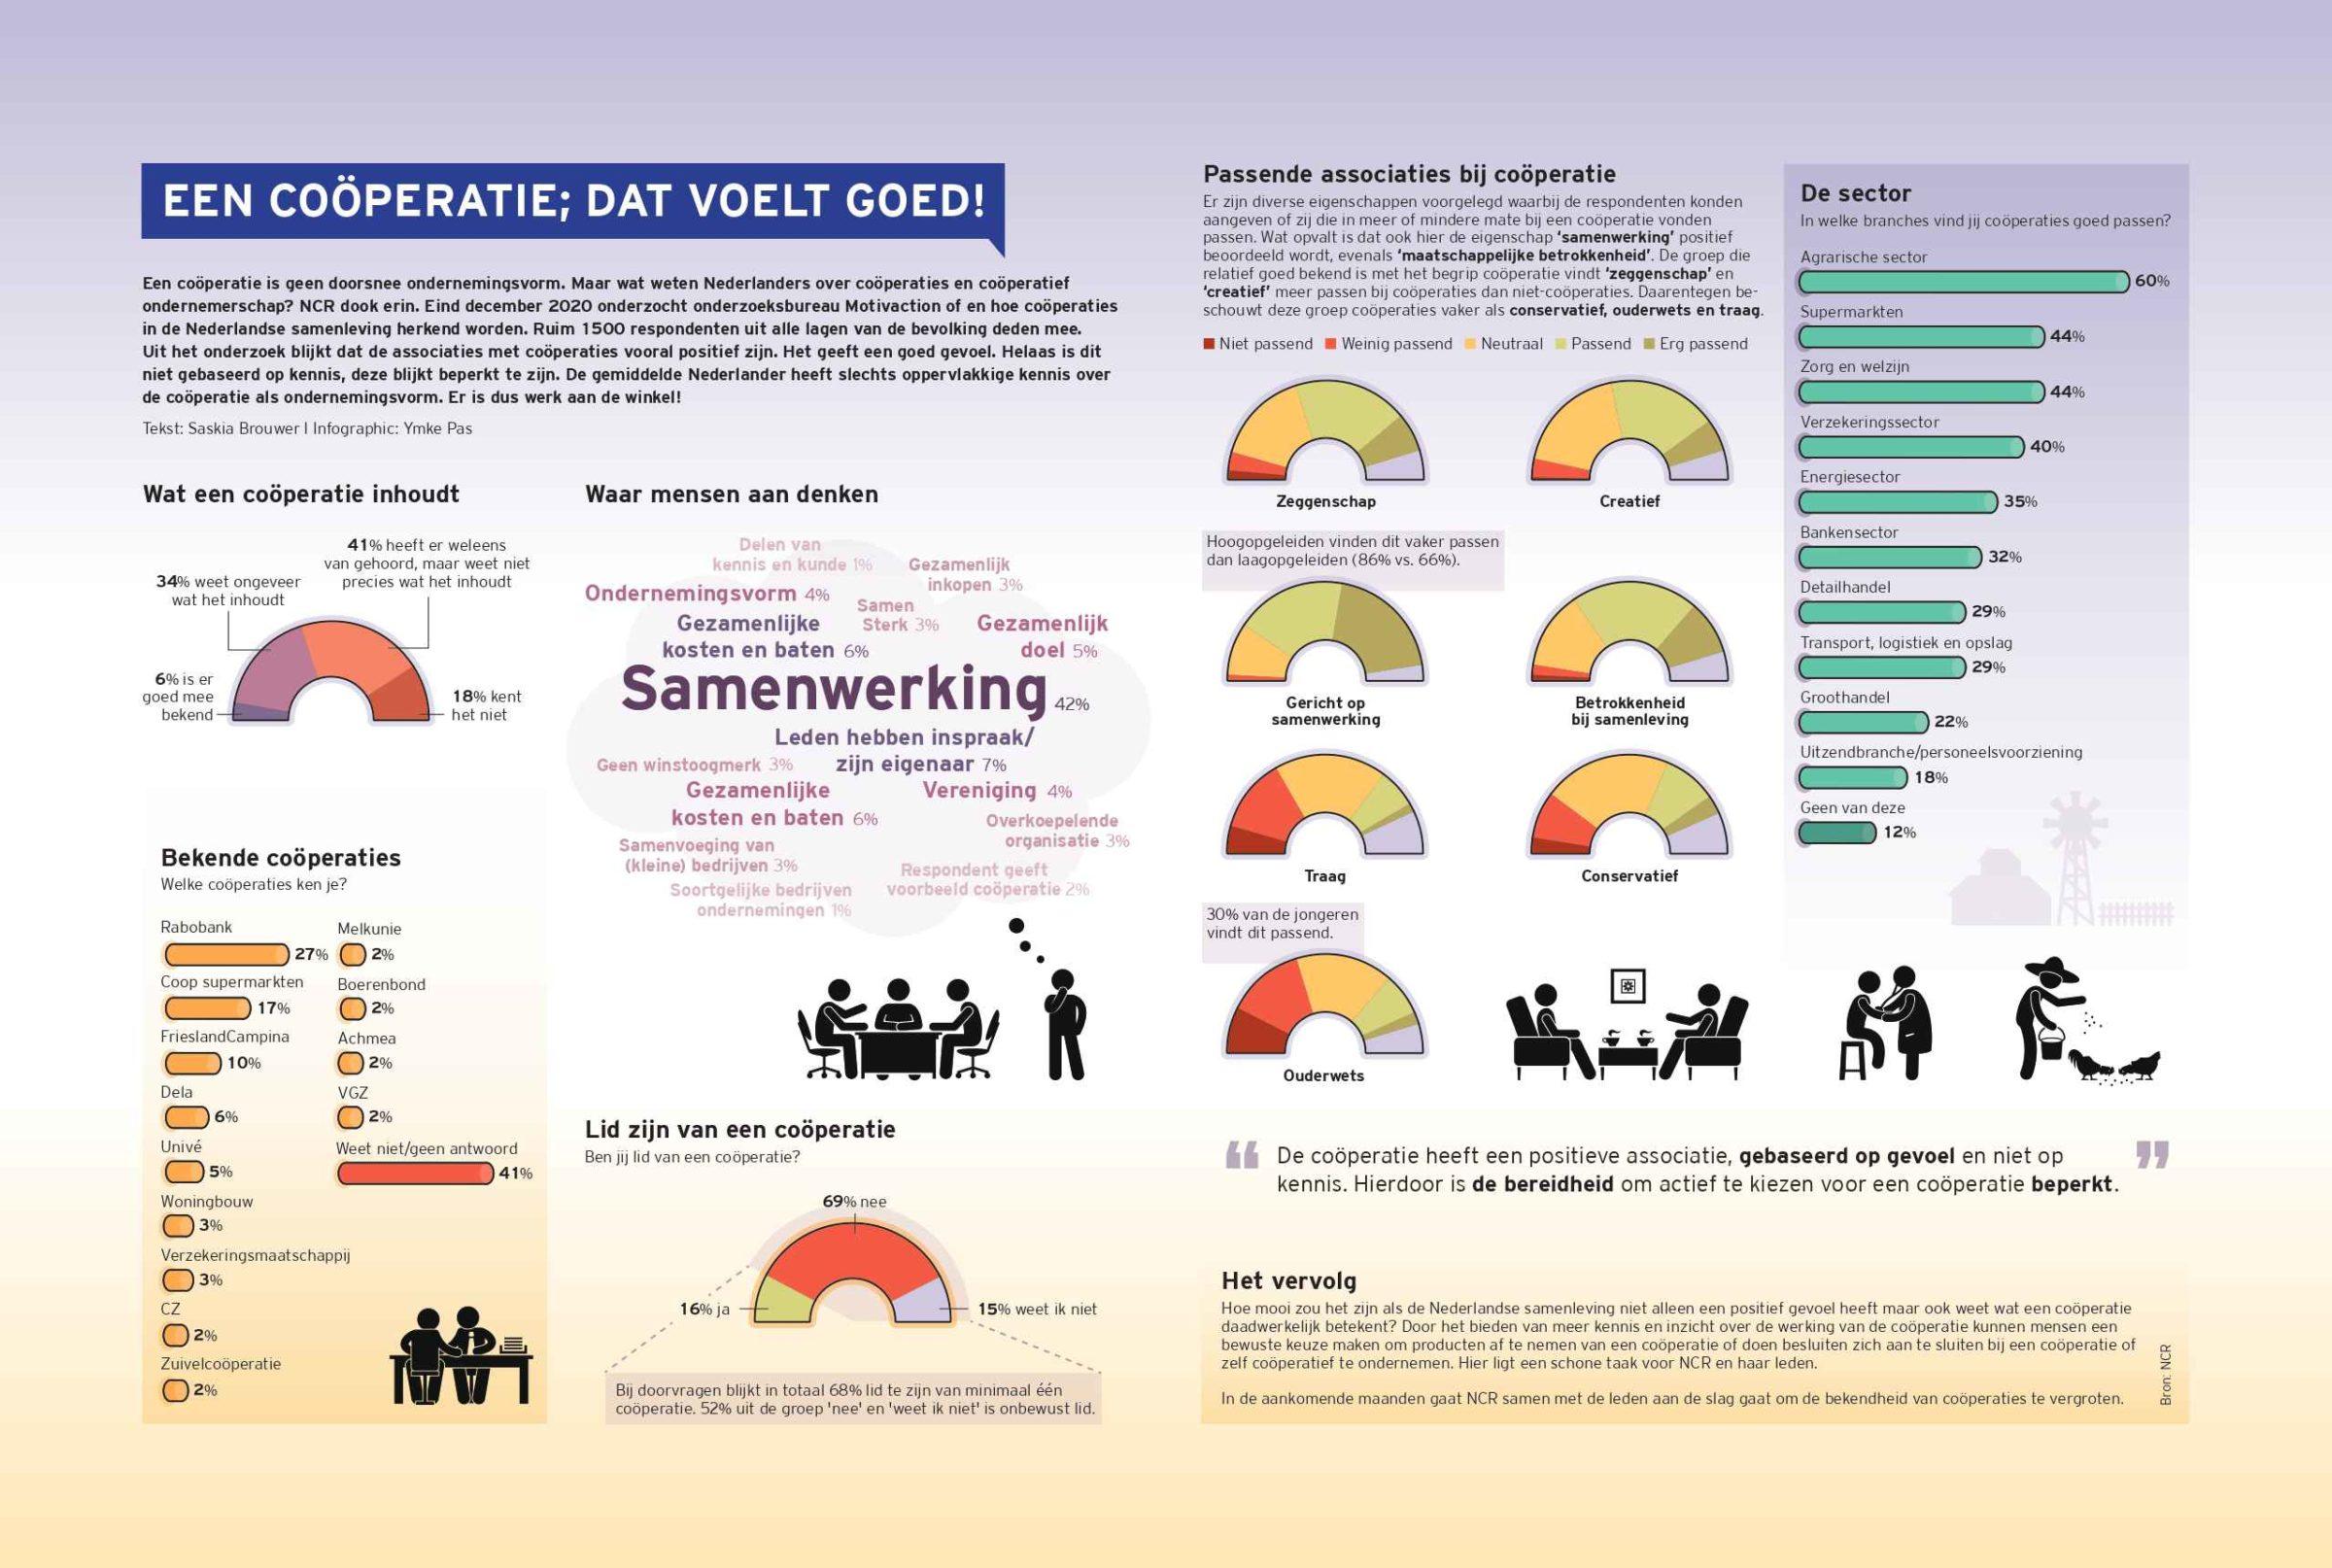 Cooperatie_644_facts_en_figures_een_passende_vergoeding